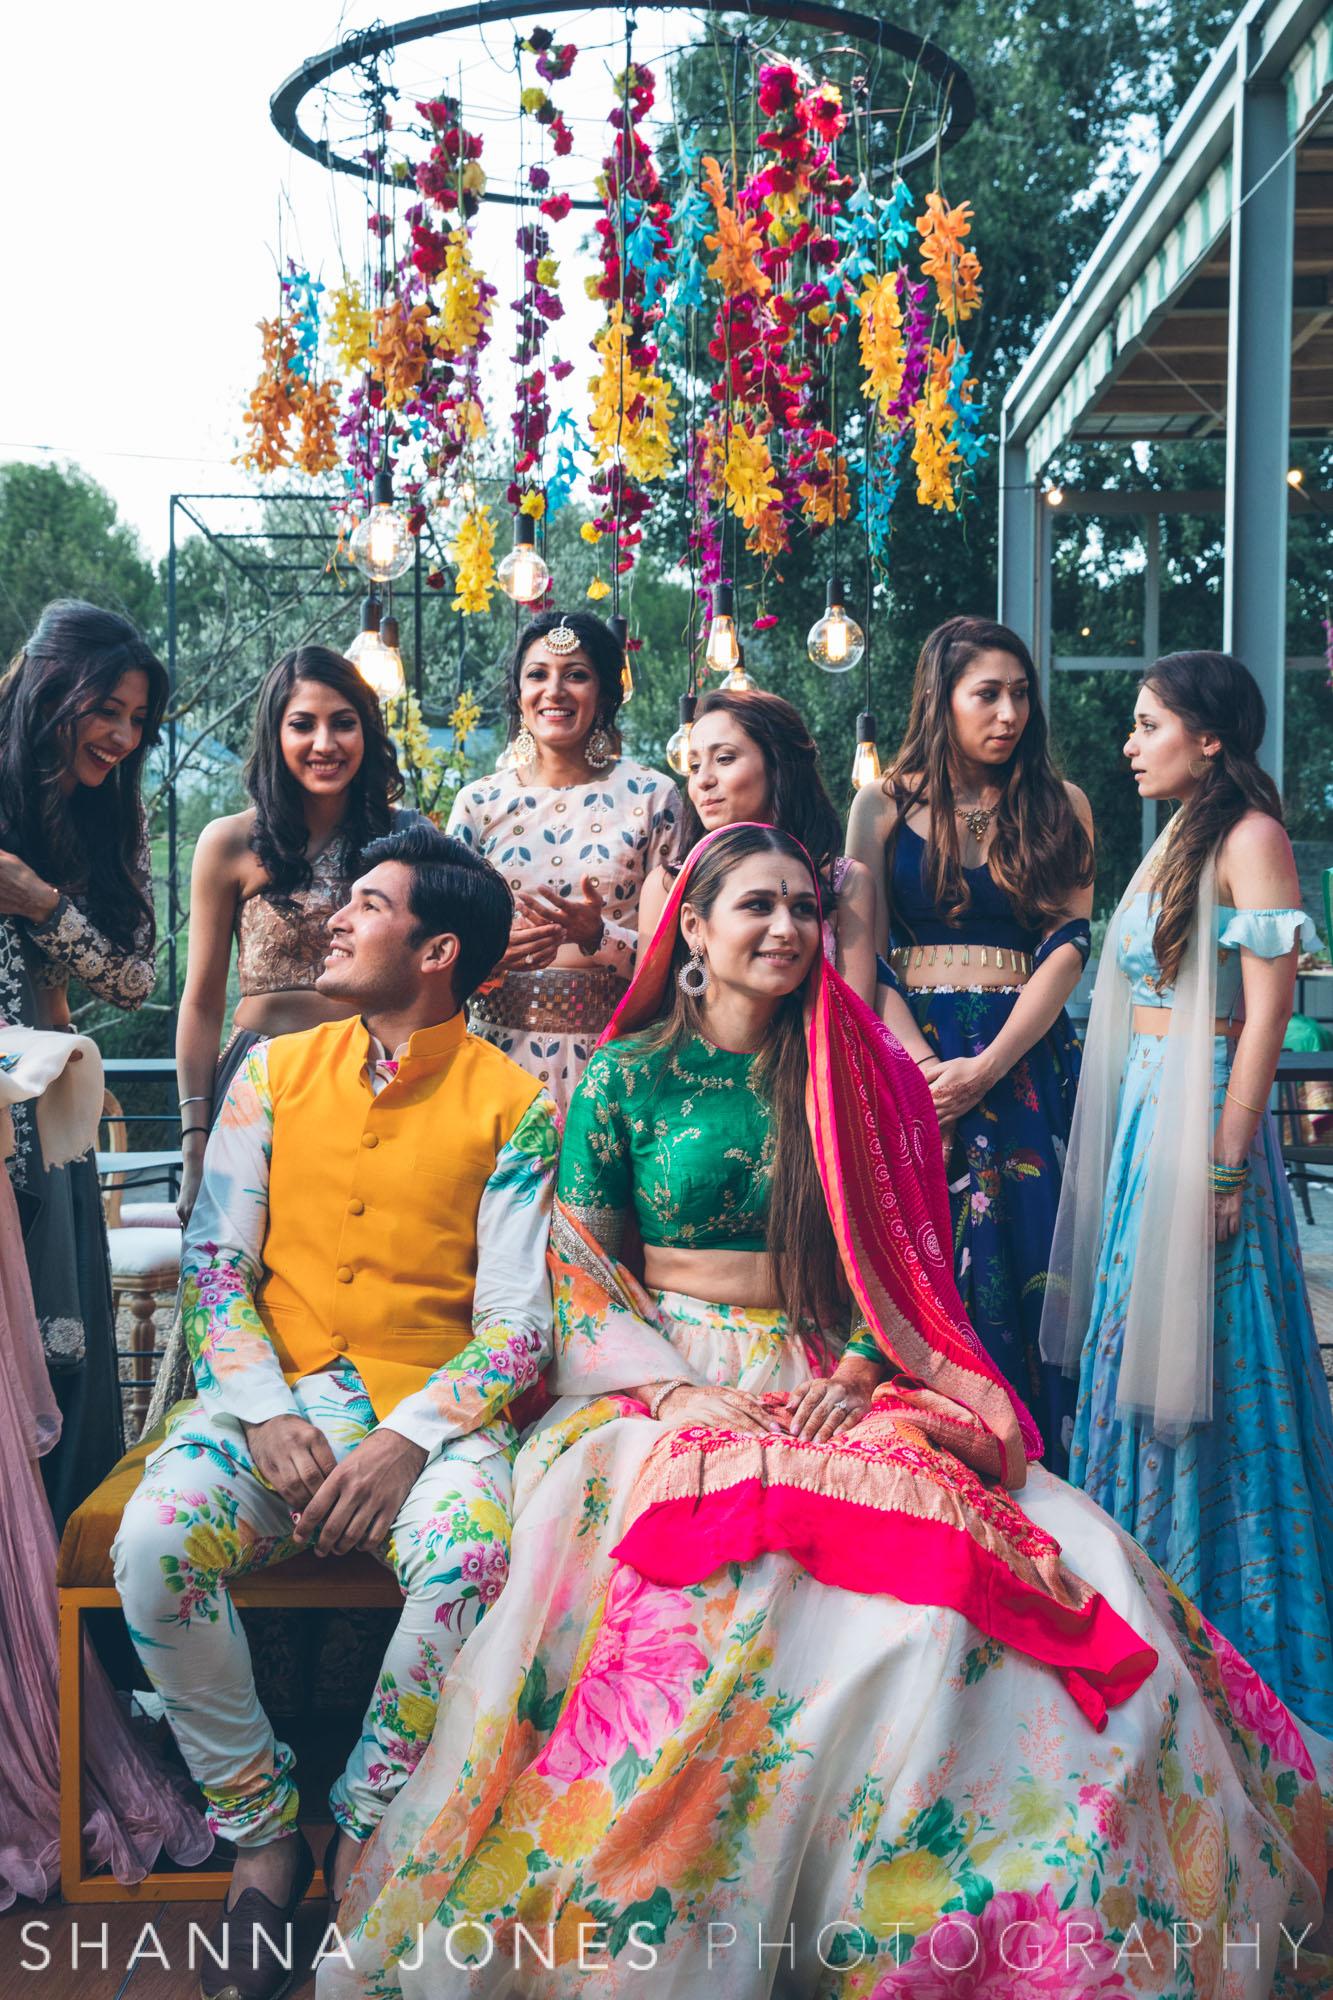 molenvliet-stellenbosch-cape-town-hindu-wedding-shanna-jones-photography-charlotte-kush-39.jpg